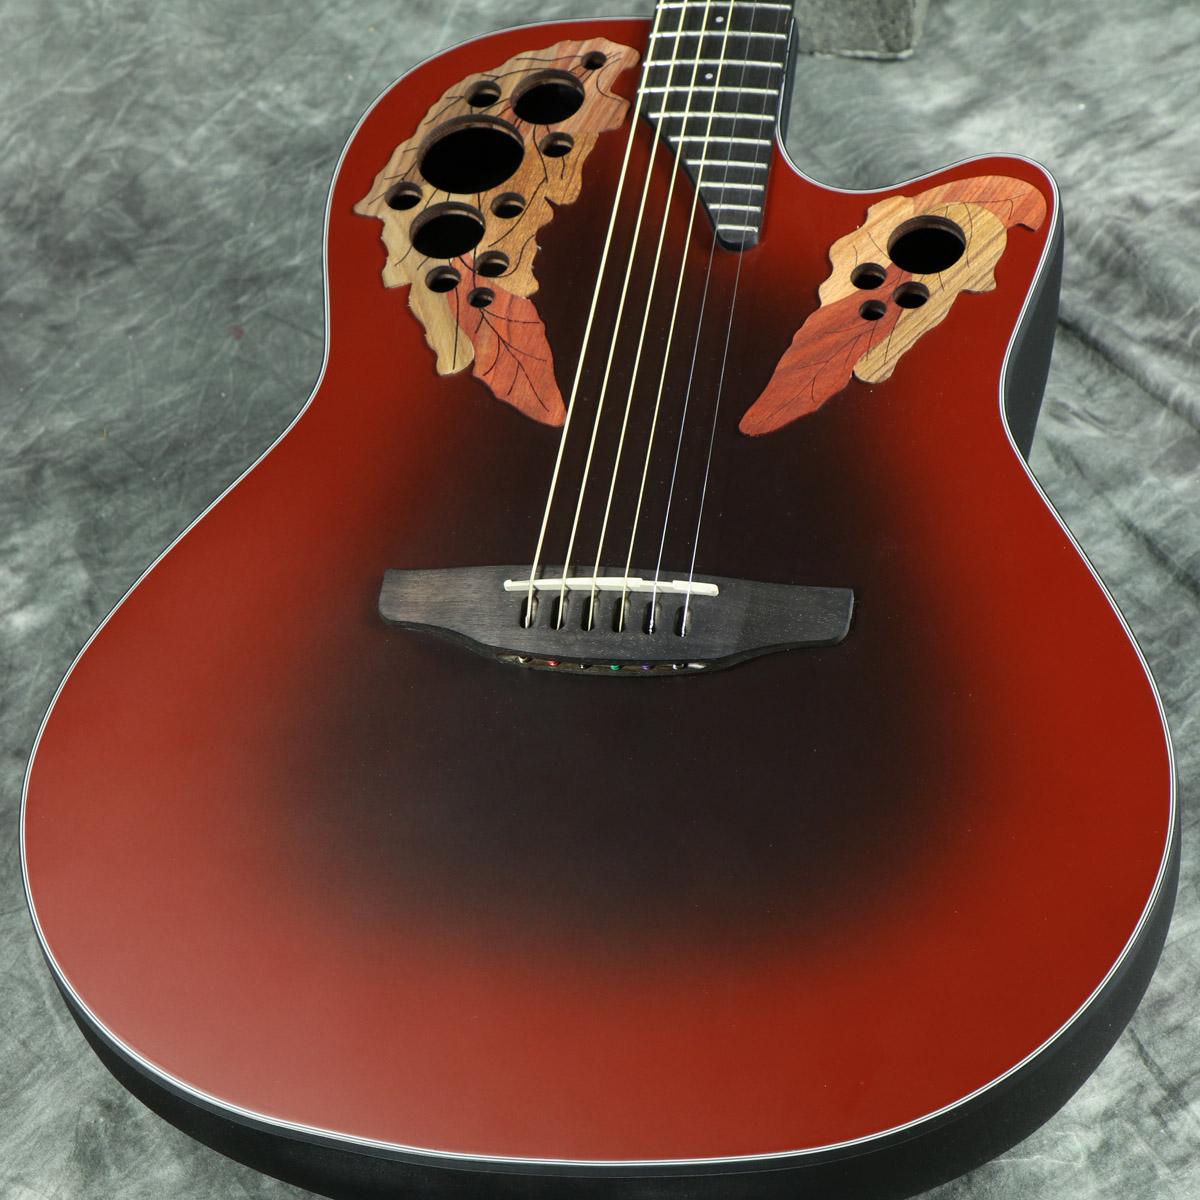 【在庫有り】 Ovation / Celebrity Elite CE44-RRB (Reverse Red Burst) 《プレゼントあり!/+set79094》 オベーション セレブリティ アコースティックギター エレアコ CE-44